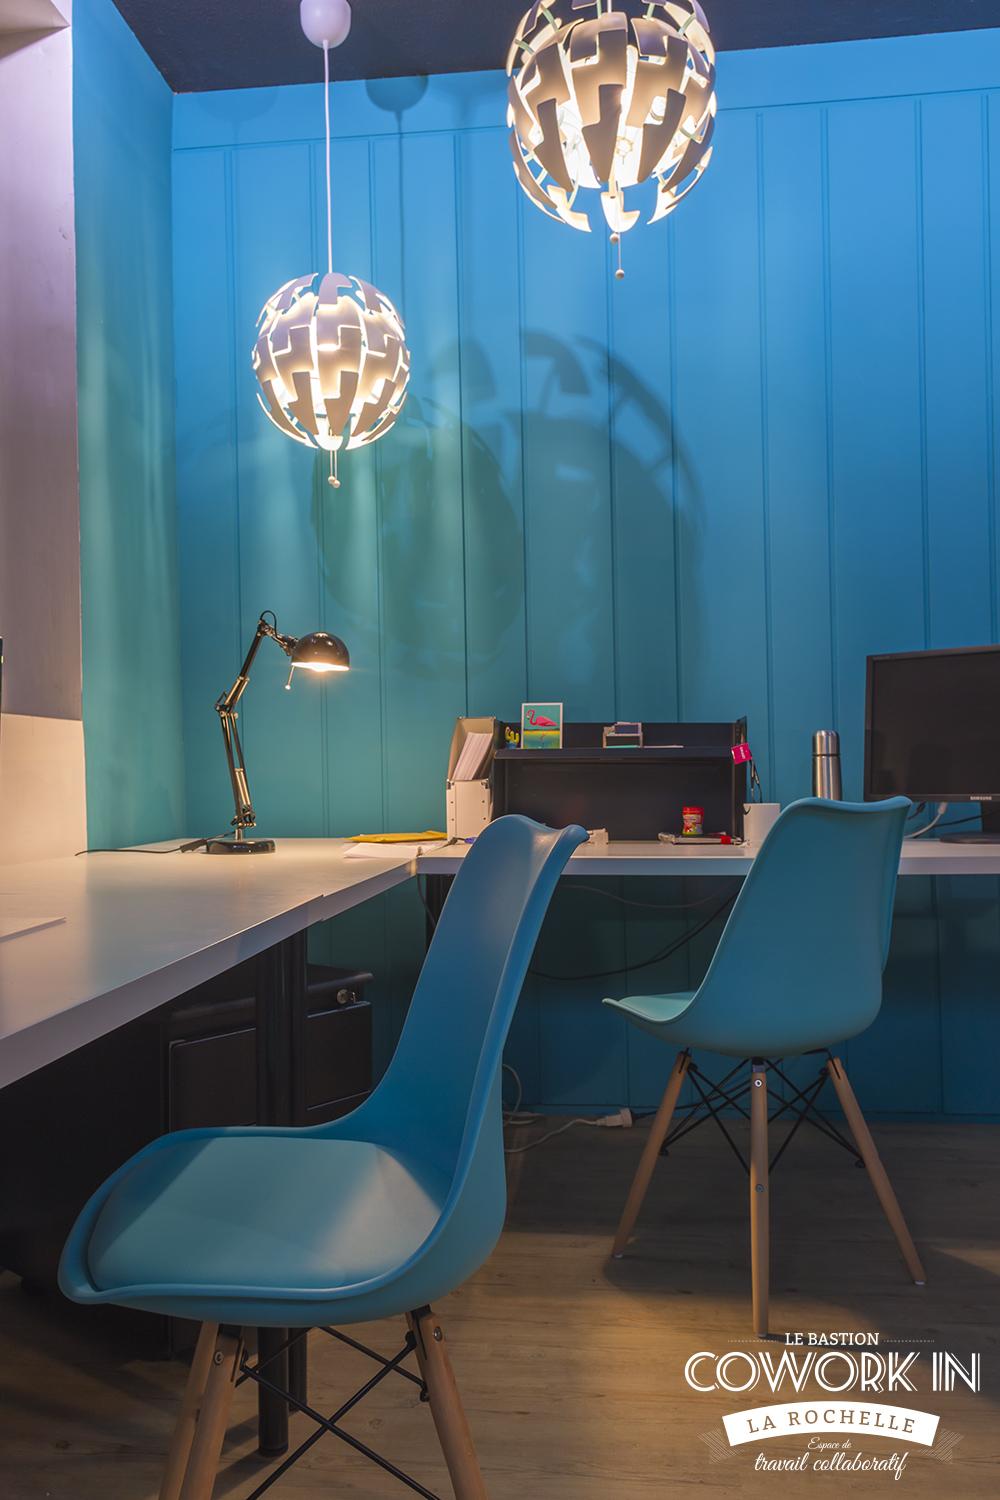 coworking la rochelle espace de travail collaboratif la rochelle location bureau en co working. Black Bedroom Furniture Sets. Home Design Ideas